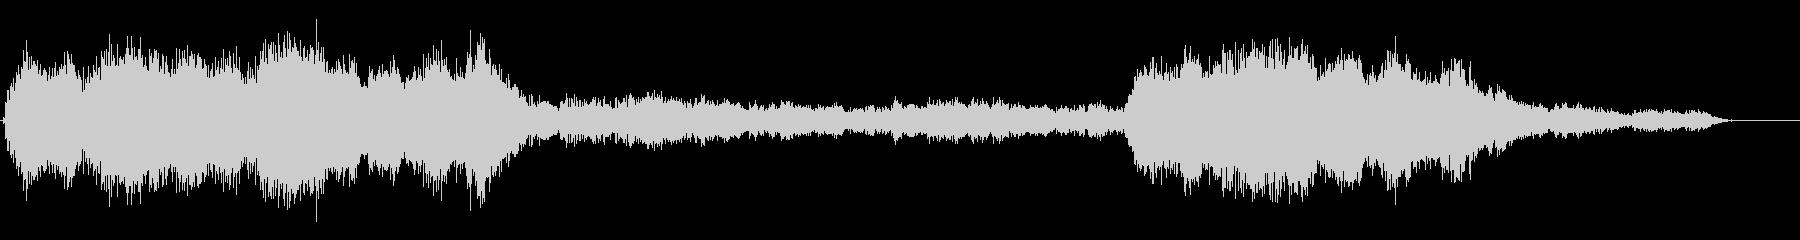 深く真白い朝 フルート+弦楽風2分12秒の未再生の波形